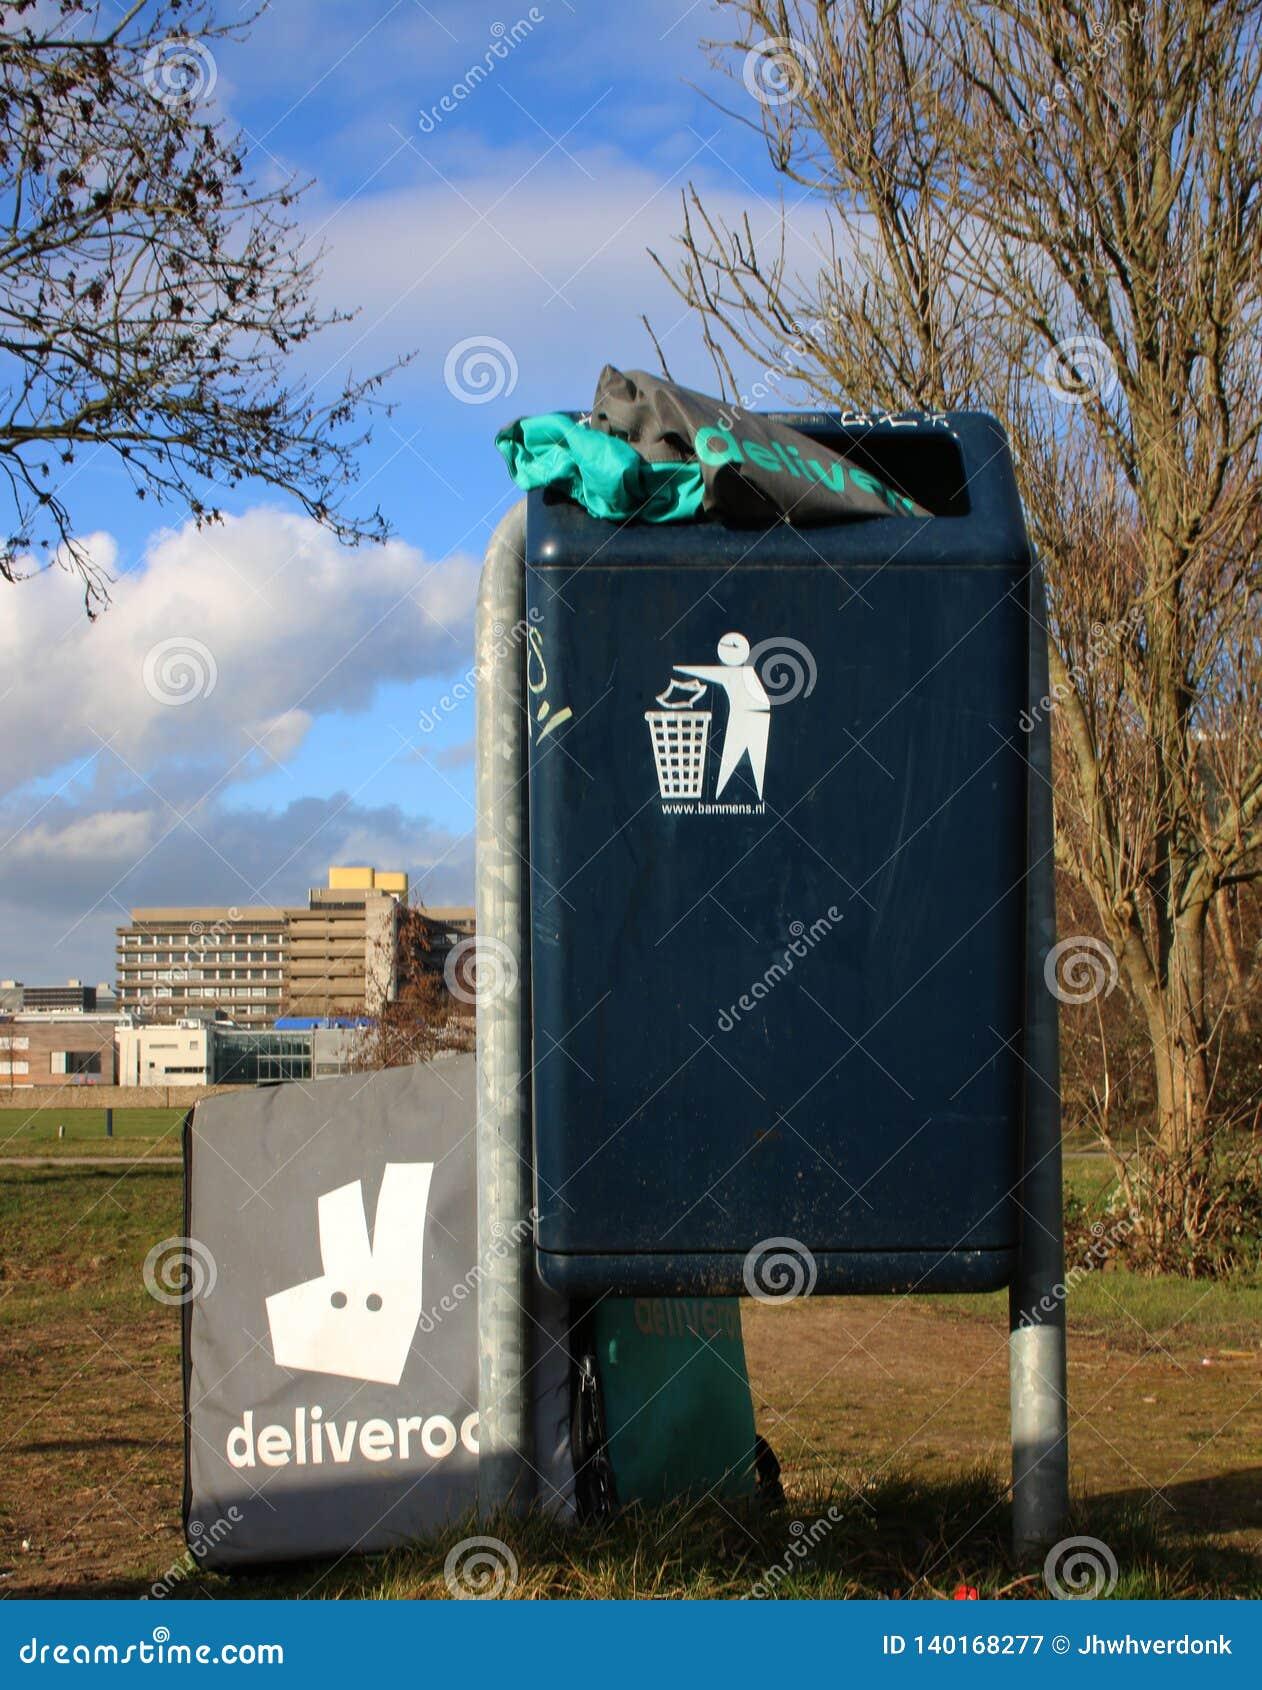 Utrecht, Нидерланд, 19-ое февраля 2019: Шестерня Deliveroo брошенная в погань после забастовки